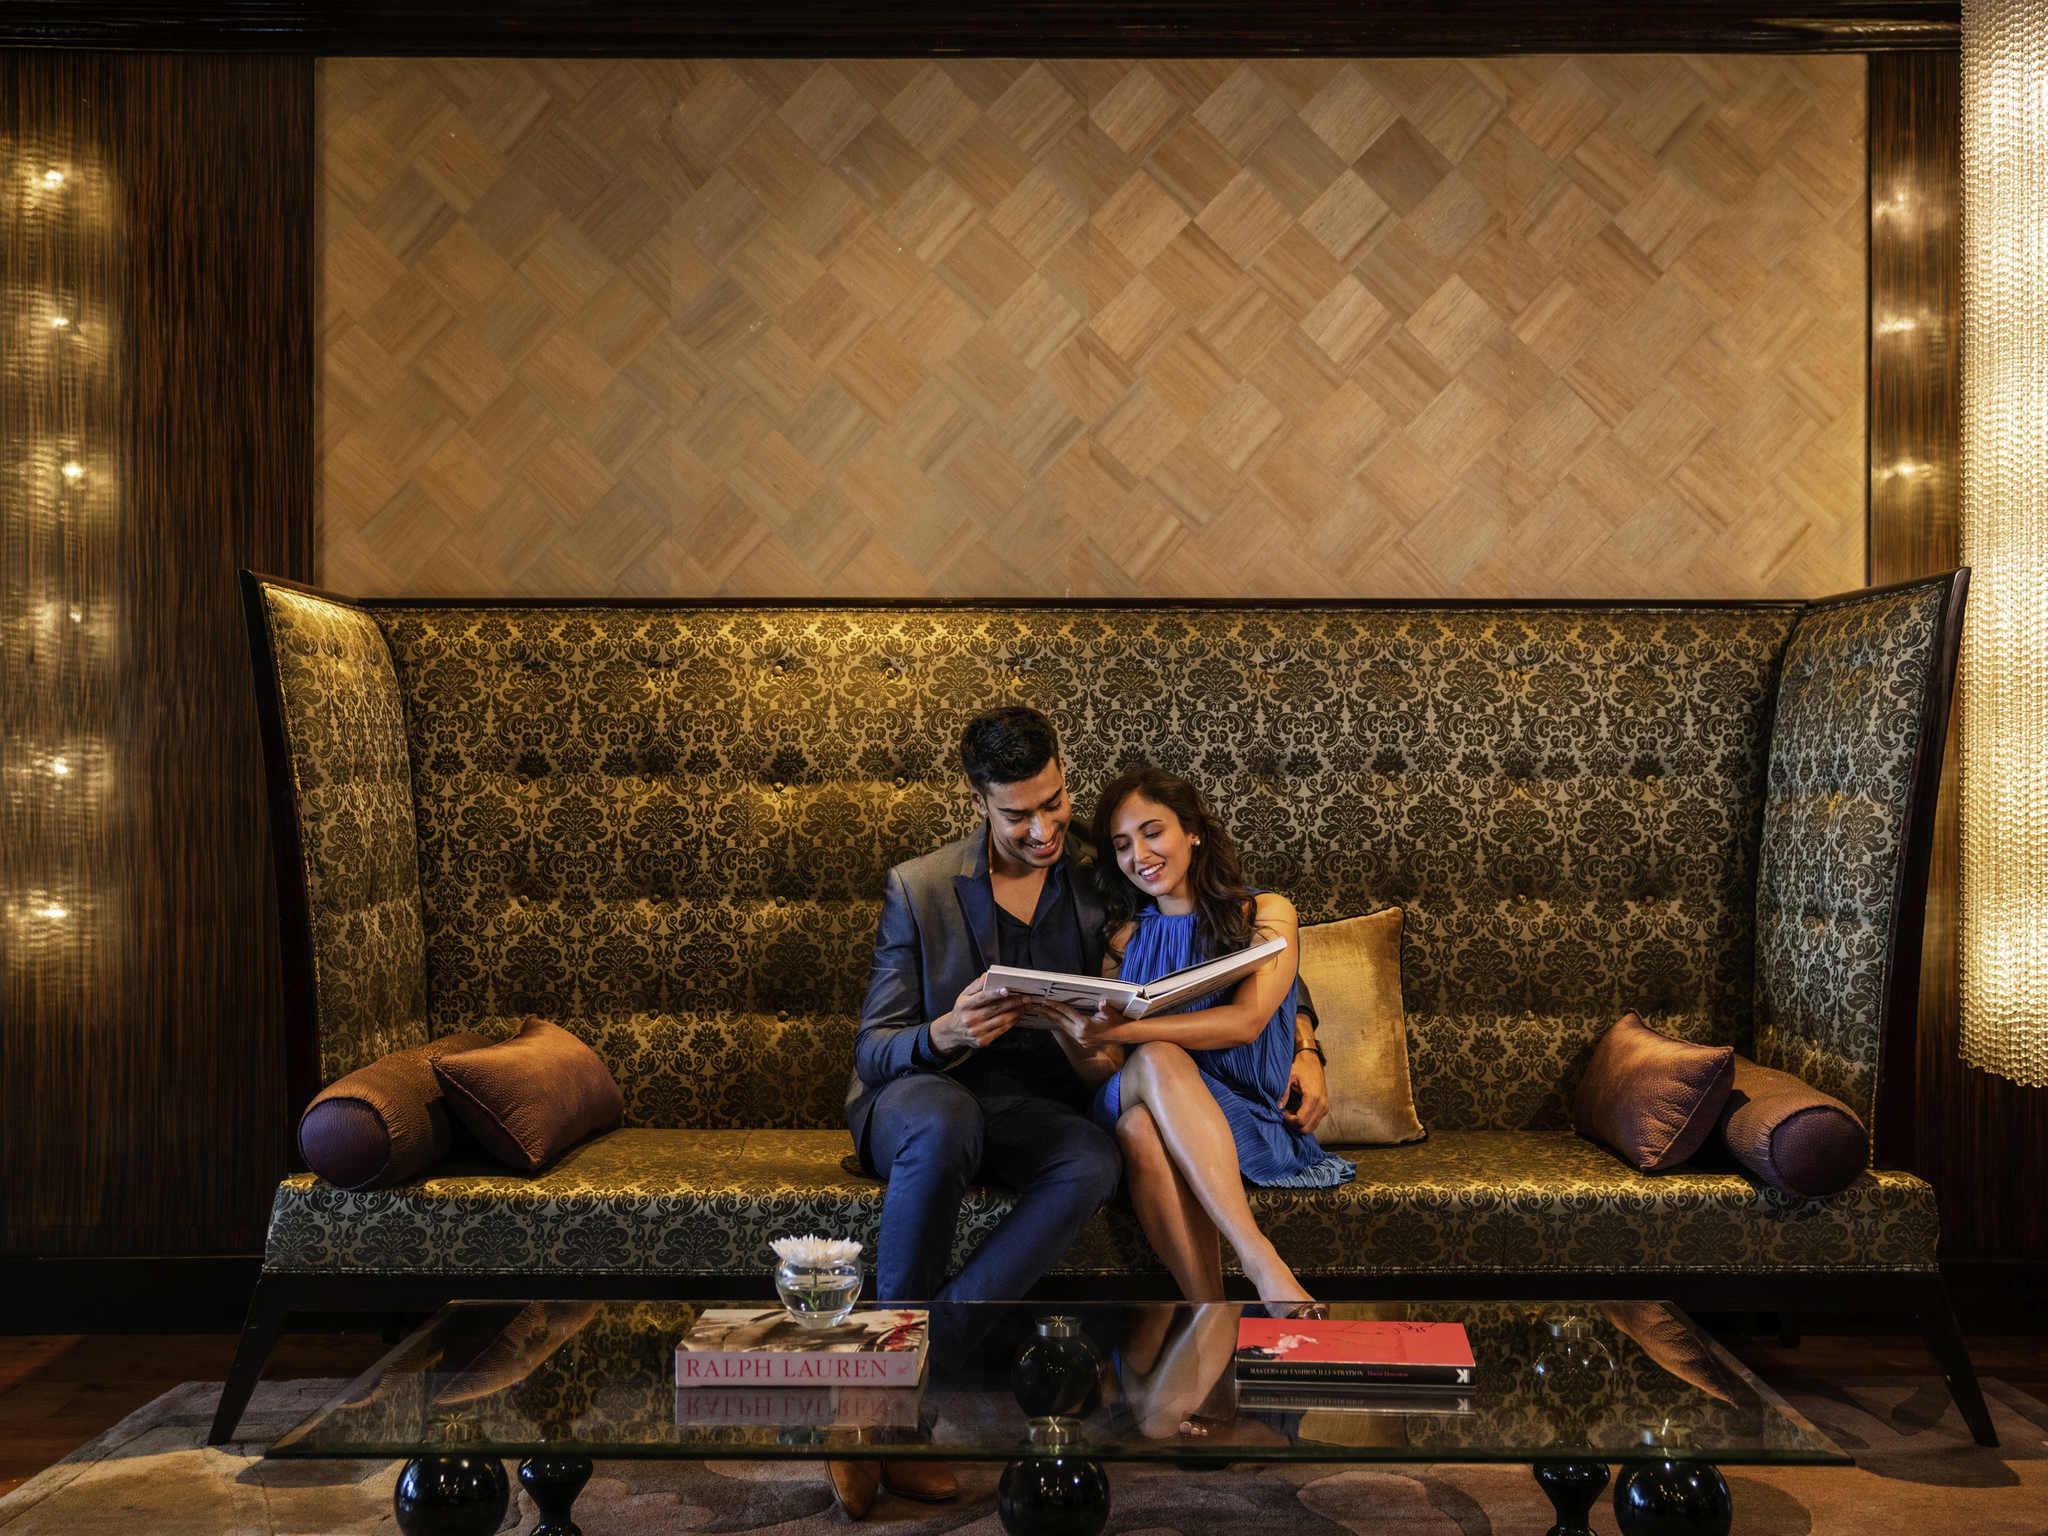 Hotel Sofitel Mumbai Bkc